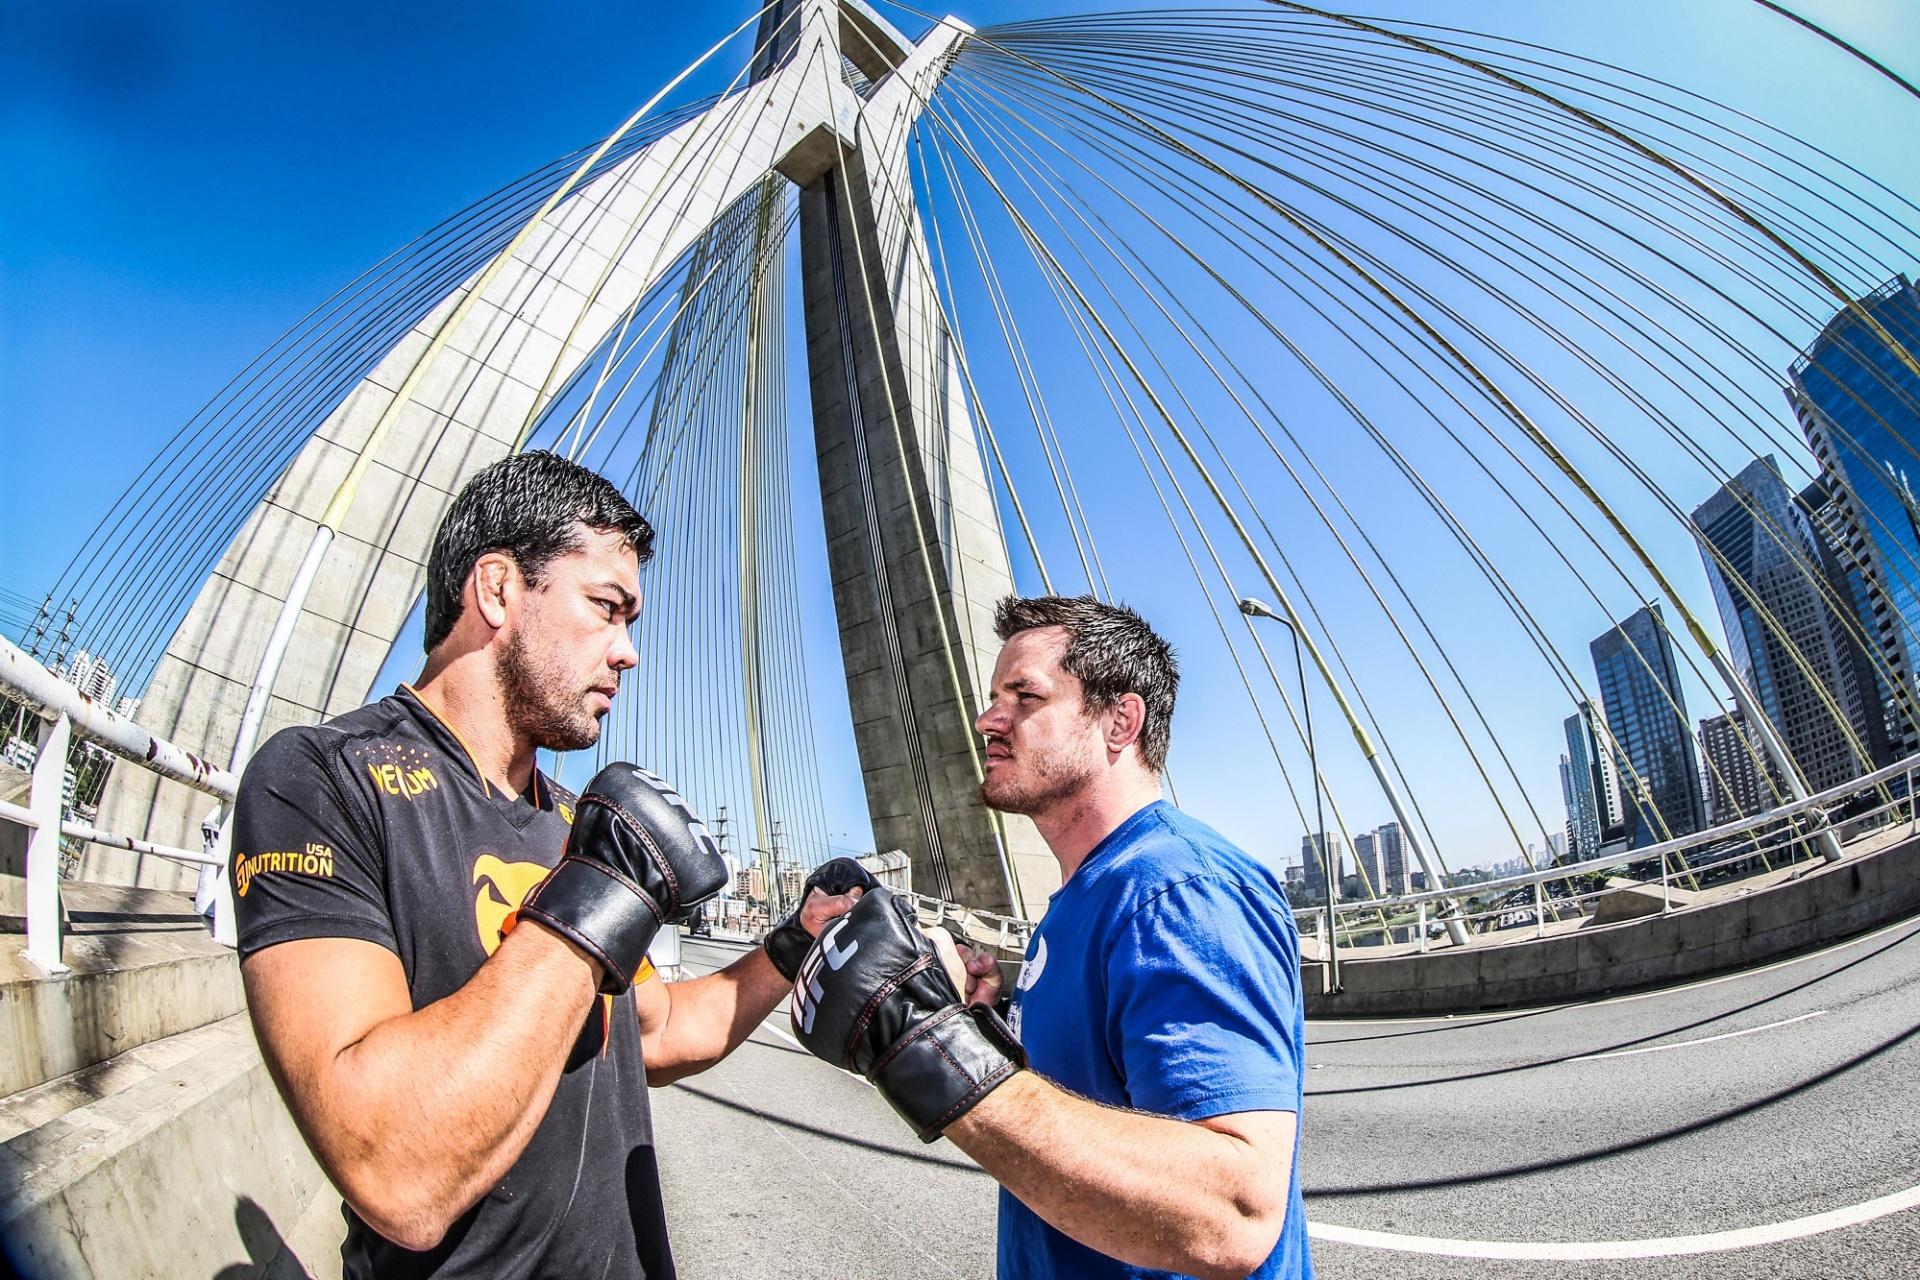 29. out. 2014 - Lyoto Machida e C.B. Dollaway participam de evento de divulgação do UFC Barueri na Ponte Estaiada, em São Paulo